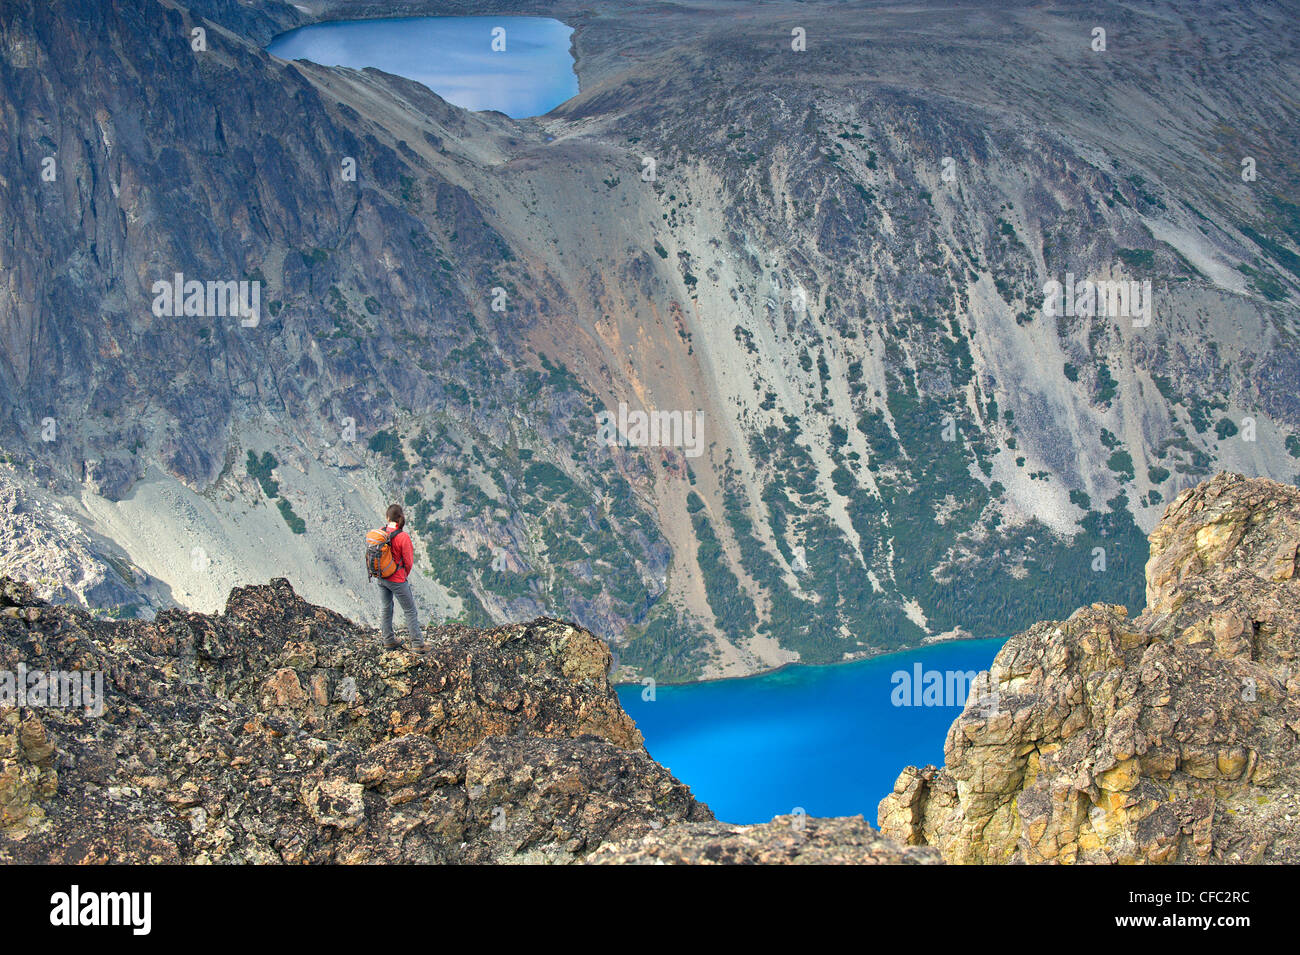 Eine Frau Umfragen unglaubliche Alpenseen in der Niut Range of British Columbia Coast Mountains Stockbild